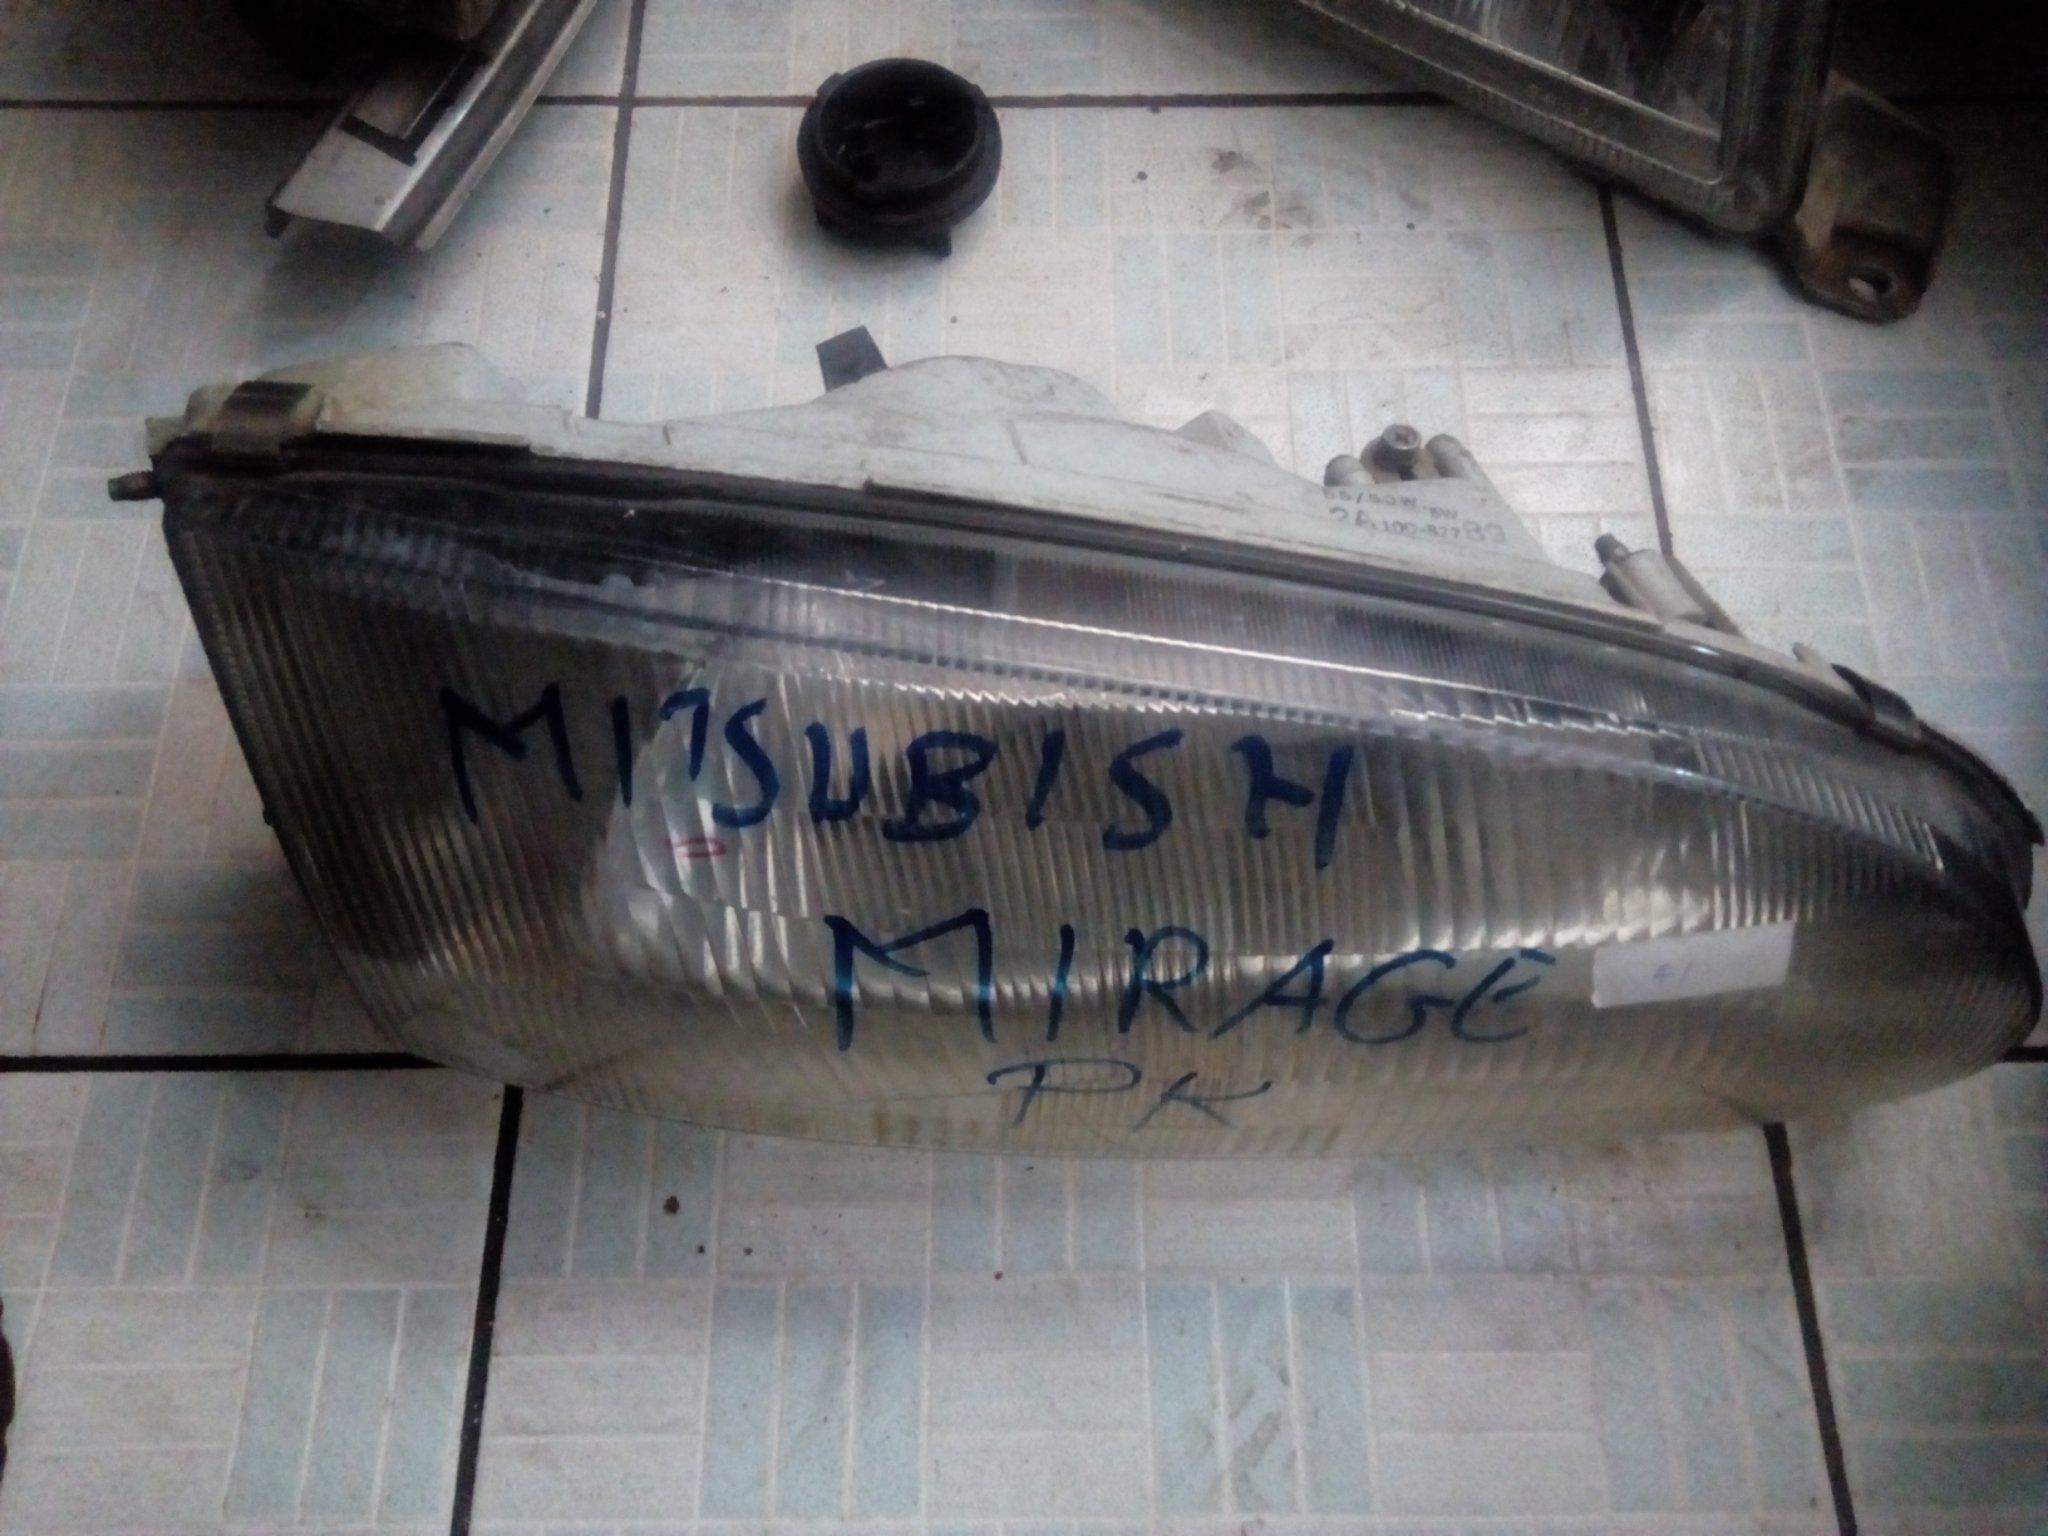 Mitsubishi mirage headlight 00552